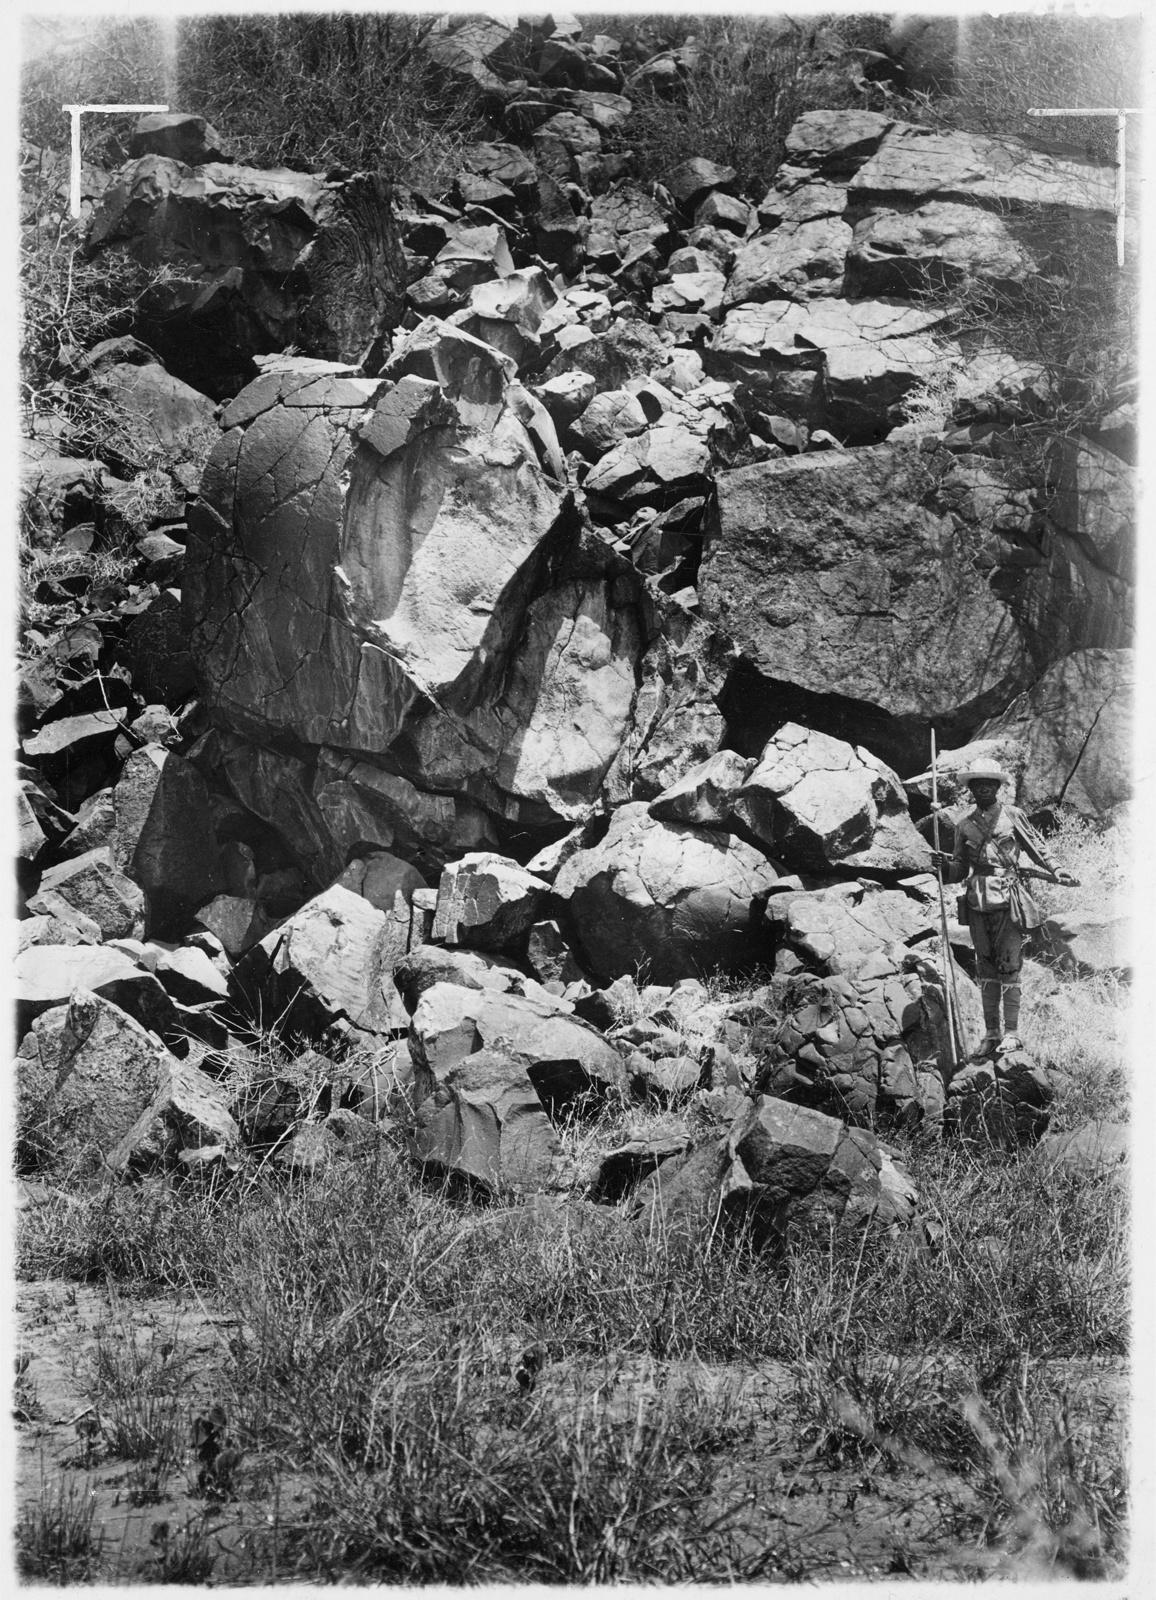 17. Человек перед крутым склоном с рухнувшими лавовыми камнями